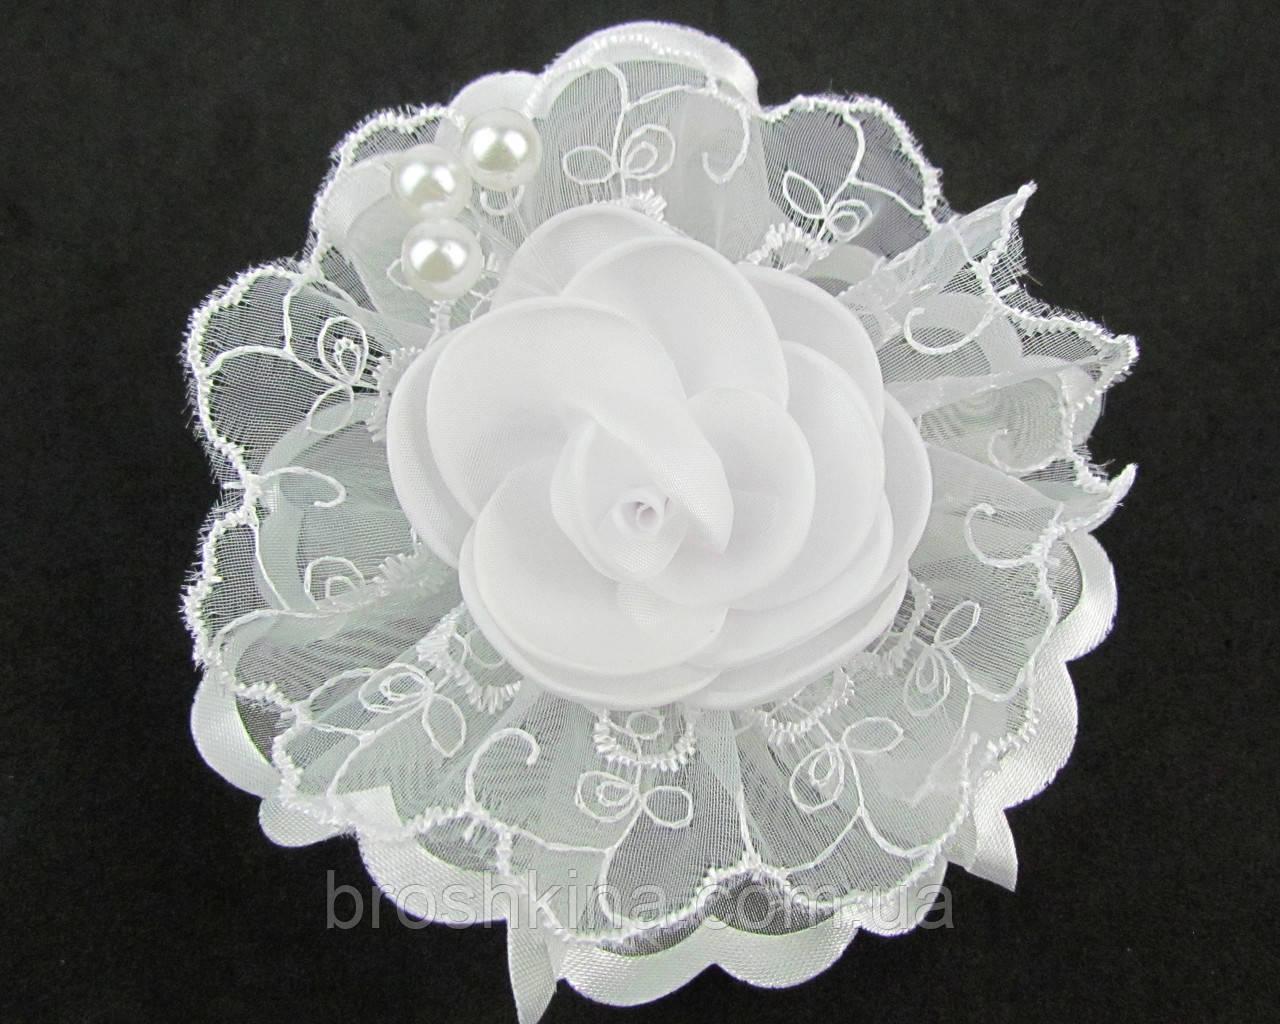 Белые кружевные бантики с цветком на резинках  d 9.5 см 12 шт/уп.